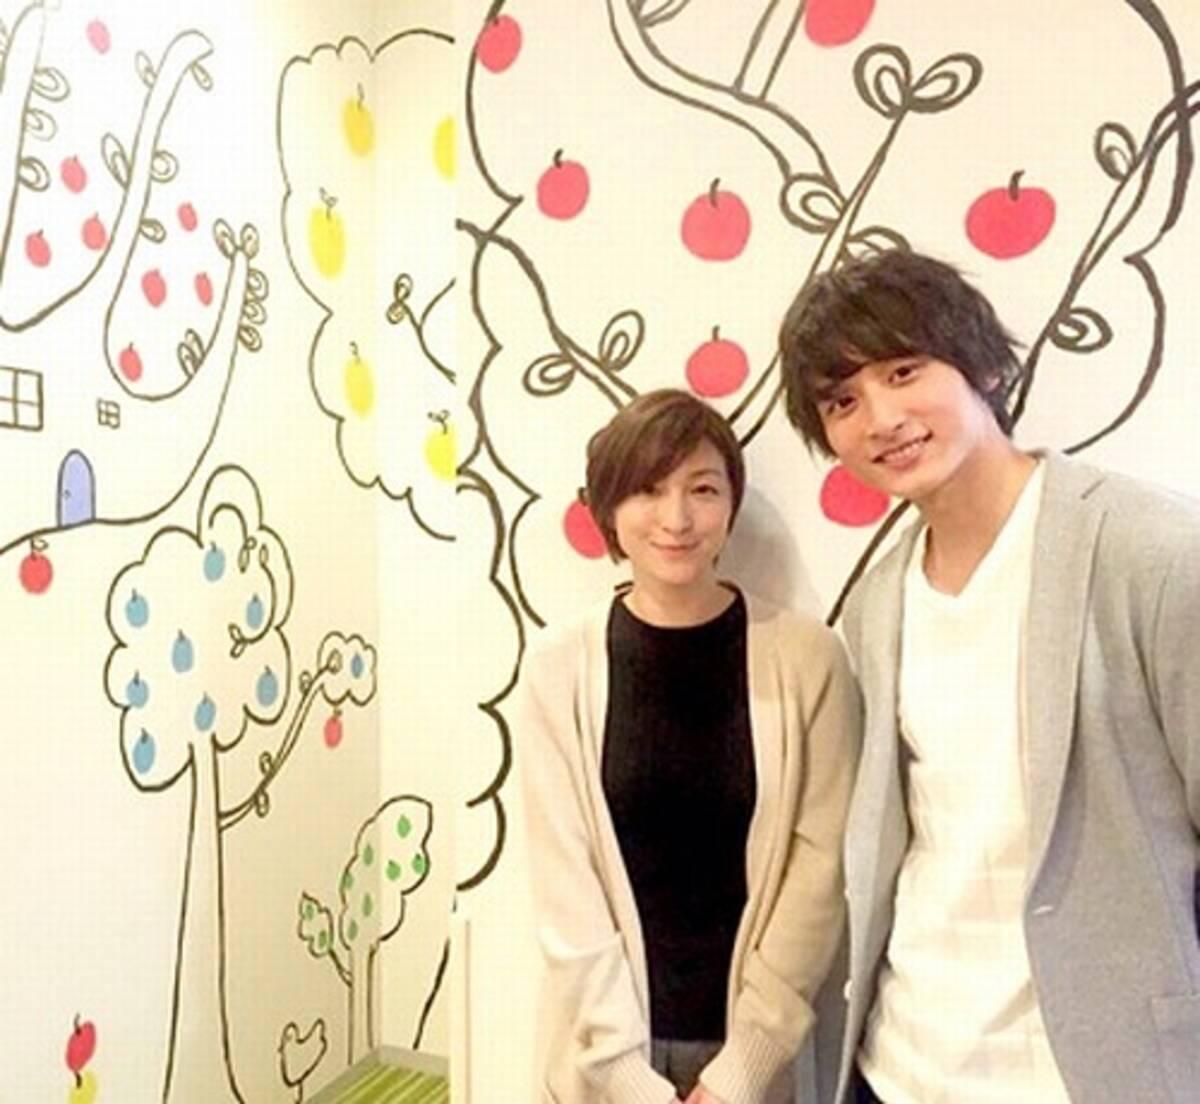 広末涼子さん 優しいけれど緊張感も 17年11月29日 エキサイトニュース